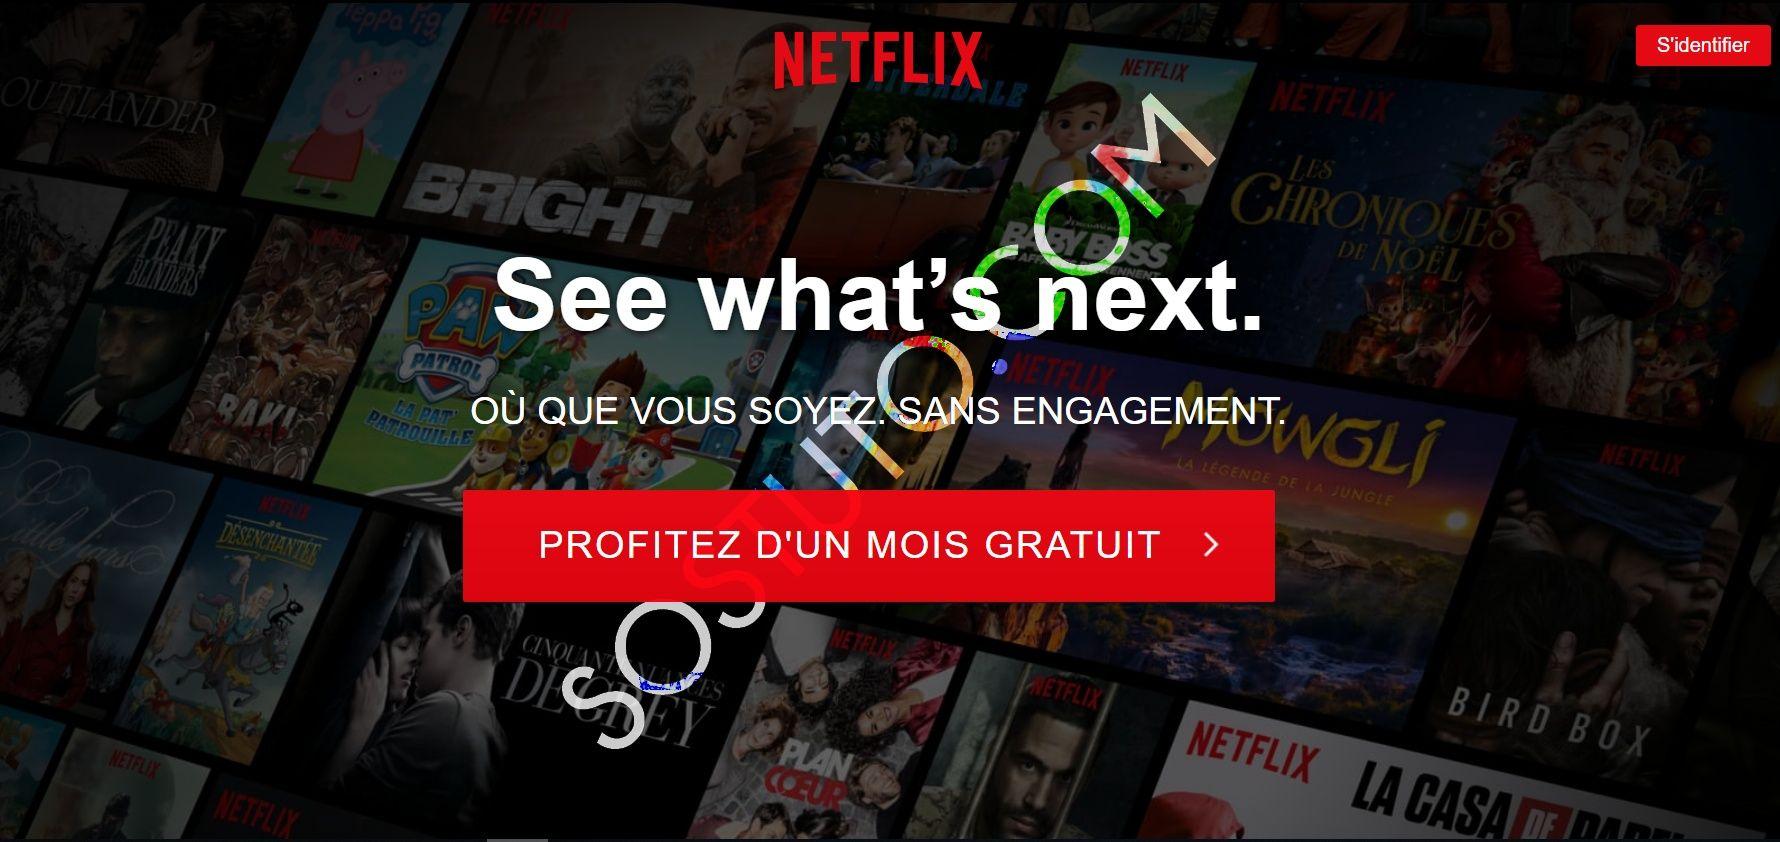 profitez dun mois gratuit netflix Comment Avoir un Compte Netflix Gratuit Légalement